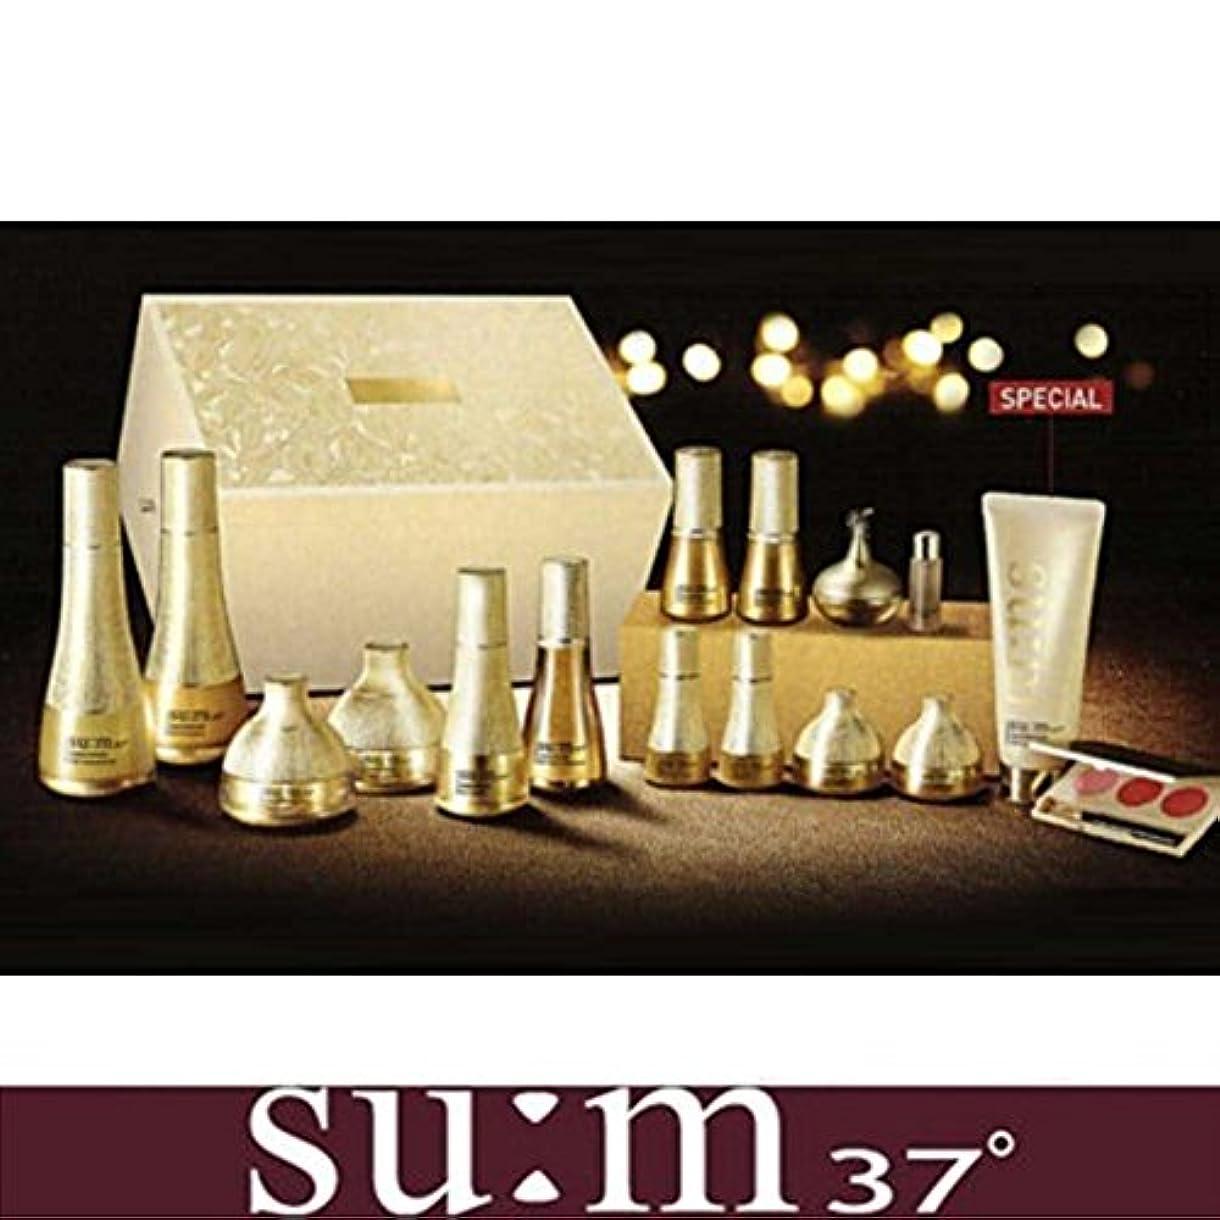 温度計貸す迫害[su:m37/スム37°]LosecSumma Premium Special Limited Skincare Set/プレミアムスペシャルリミテッドスキンケアセット + [Sample Gift](海外直送品)